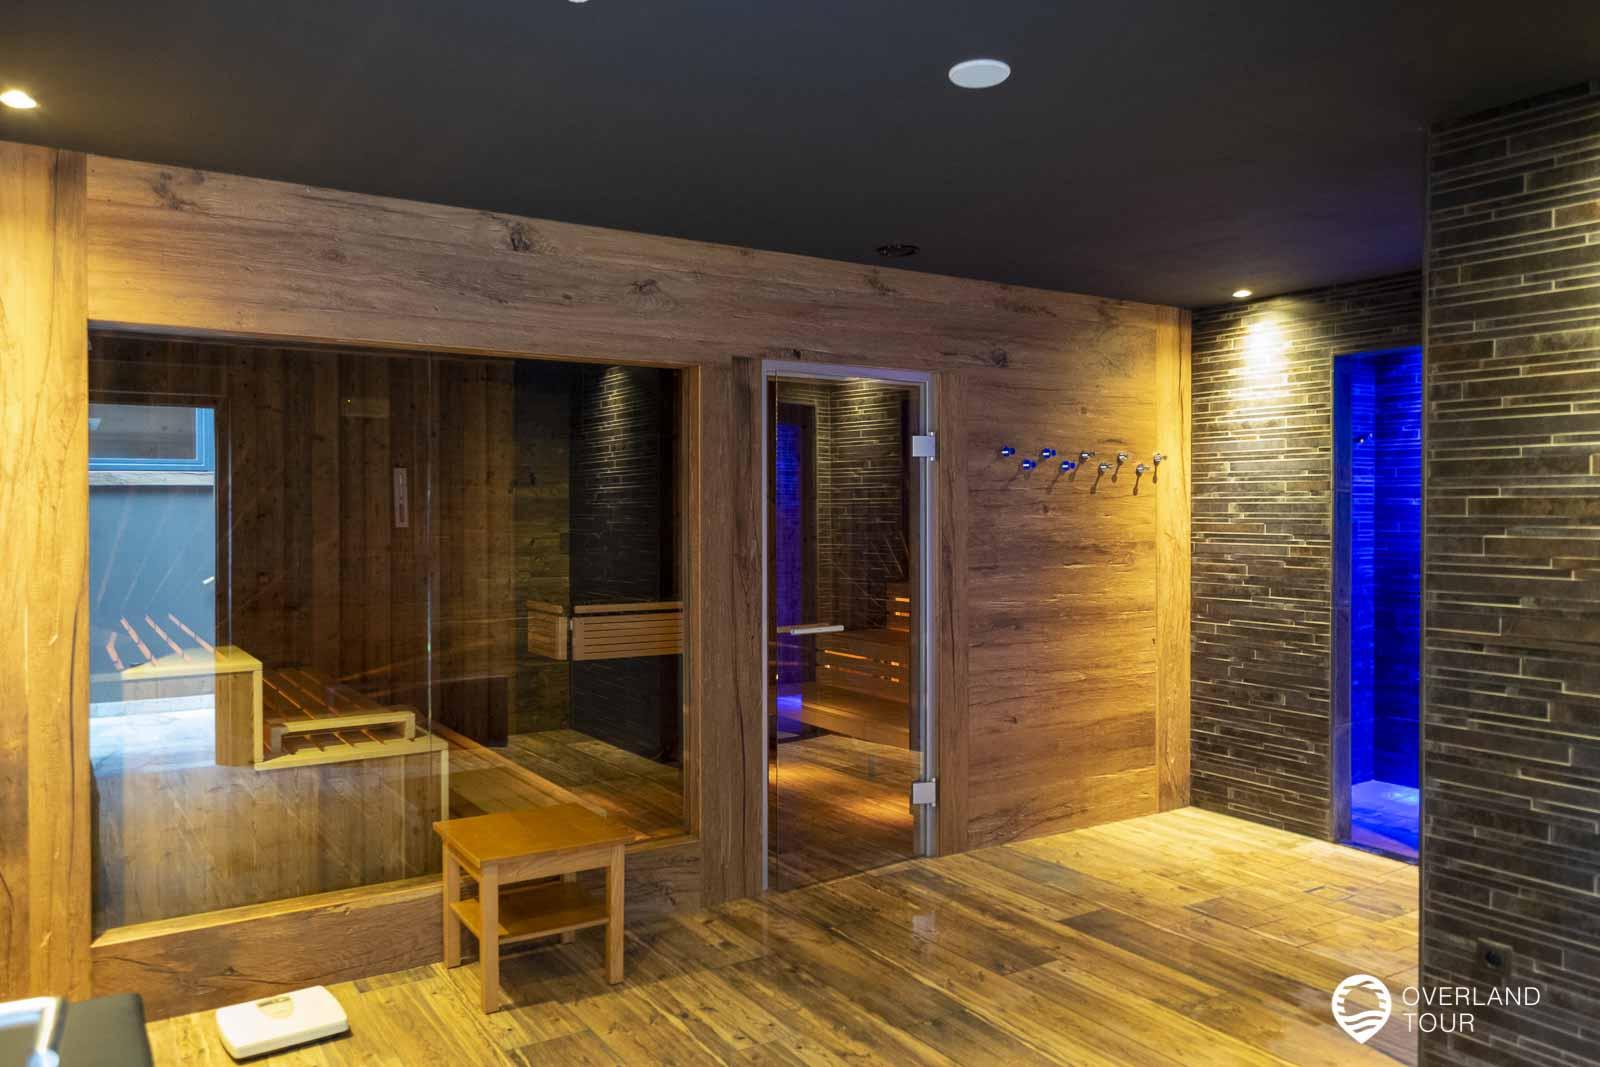 Der Sauna und Spa-Bereich war sehr angenehm nach der Wanderung